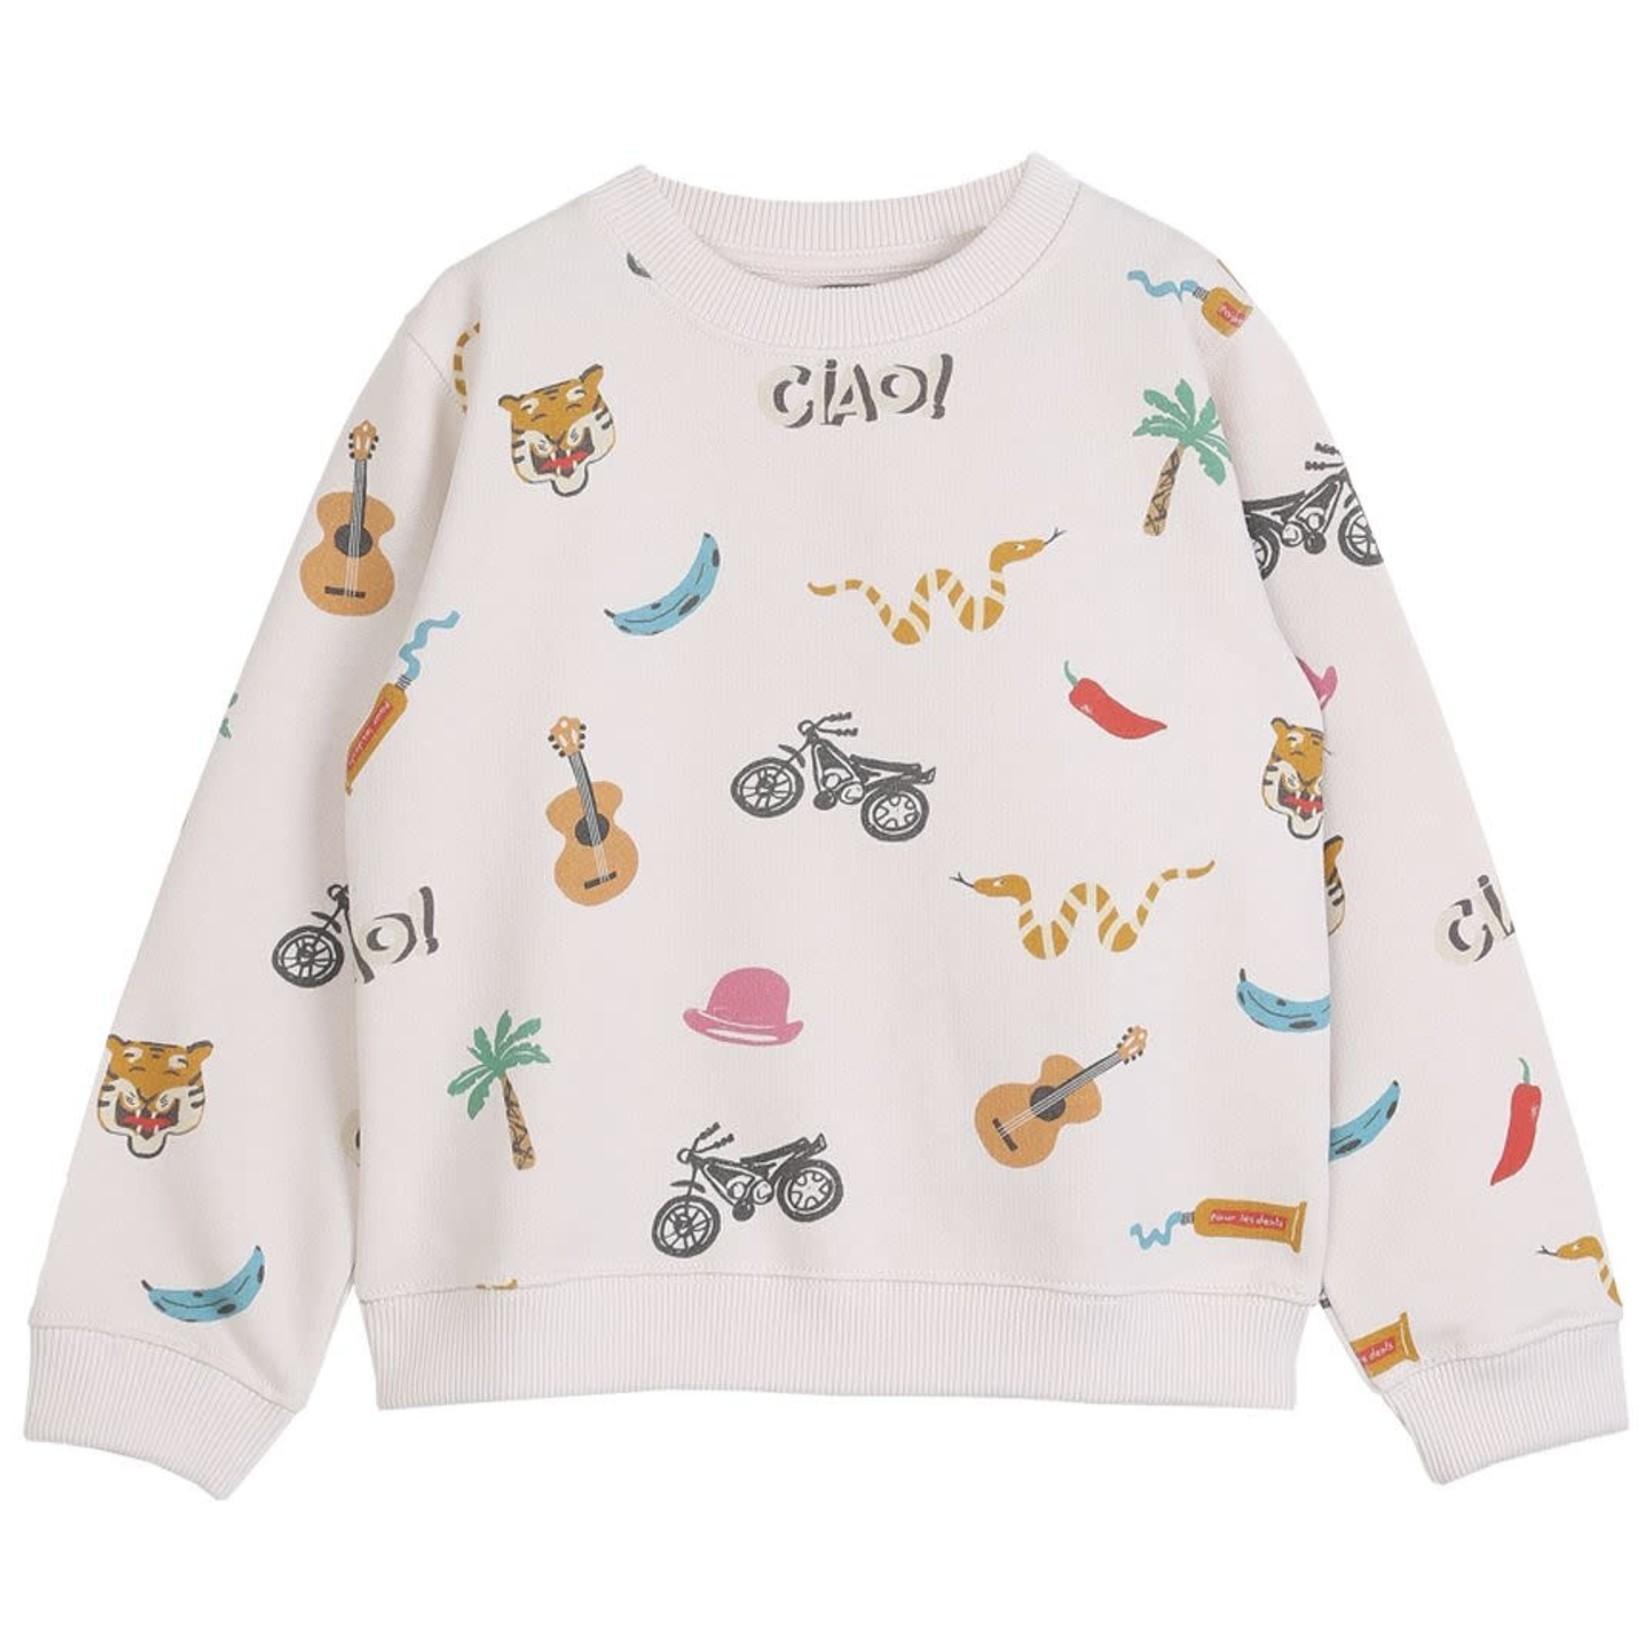 EMILE ET IDA EMILE & IDA NEW sweatshirt INDIA AO